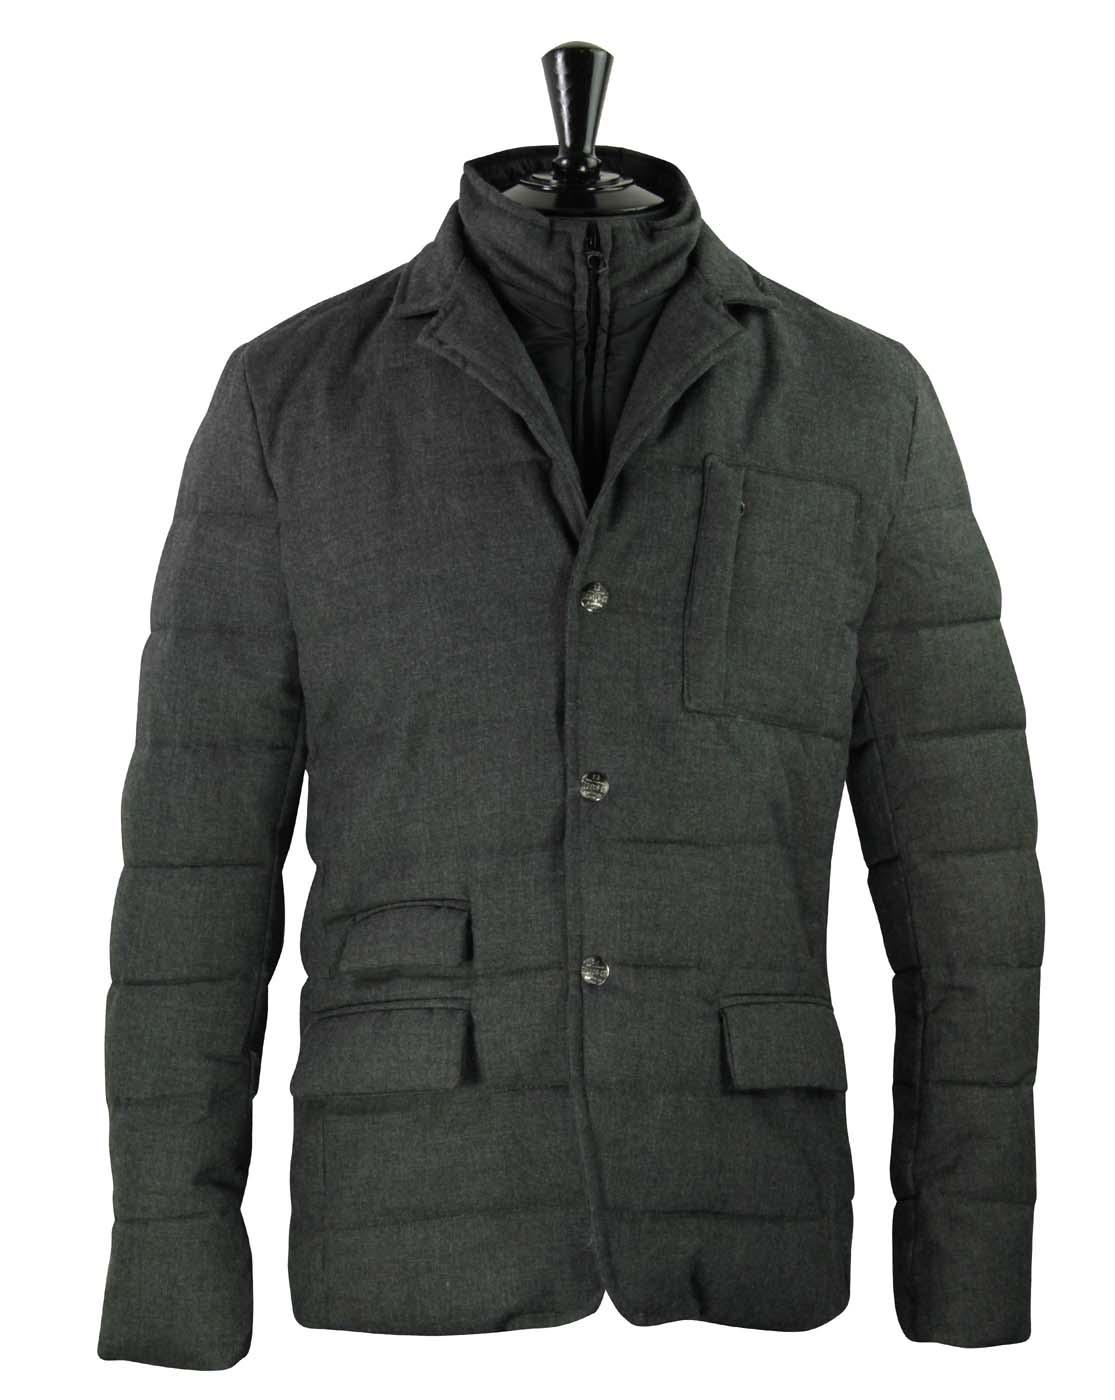 scotch and soda veste doudoune gris anthracite homme acheter ce produit au meilleur prix. Black Bedroom Furniture Sets. Home Design Ideas